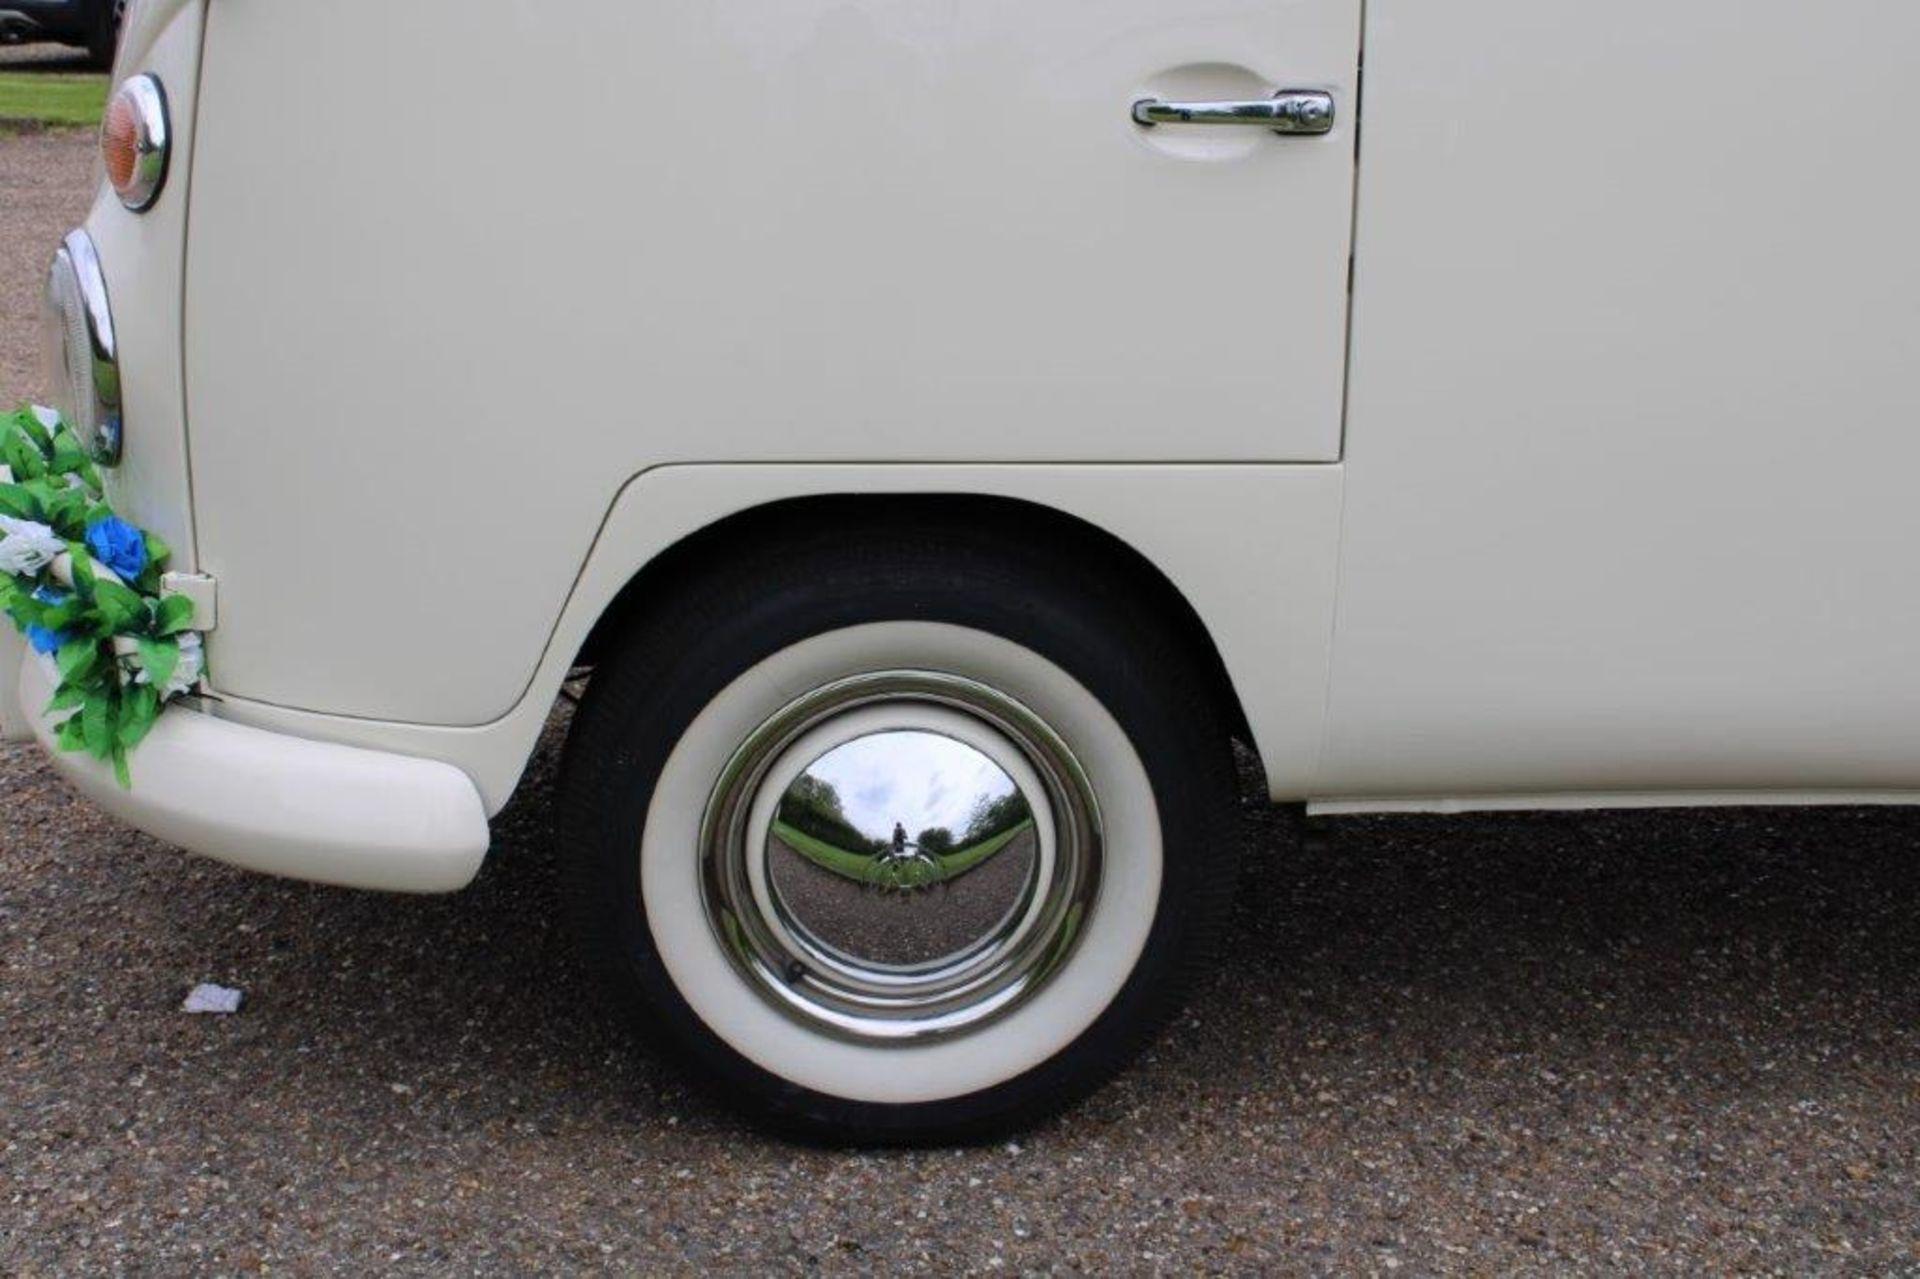 1966 Volkswagen Split Screen Camper LHD - Image 9 of 28